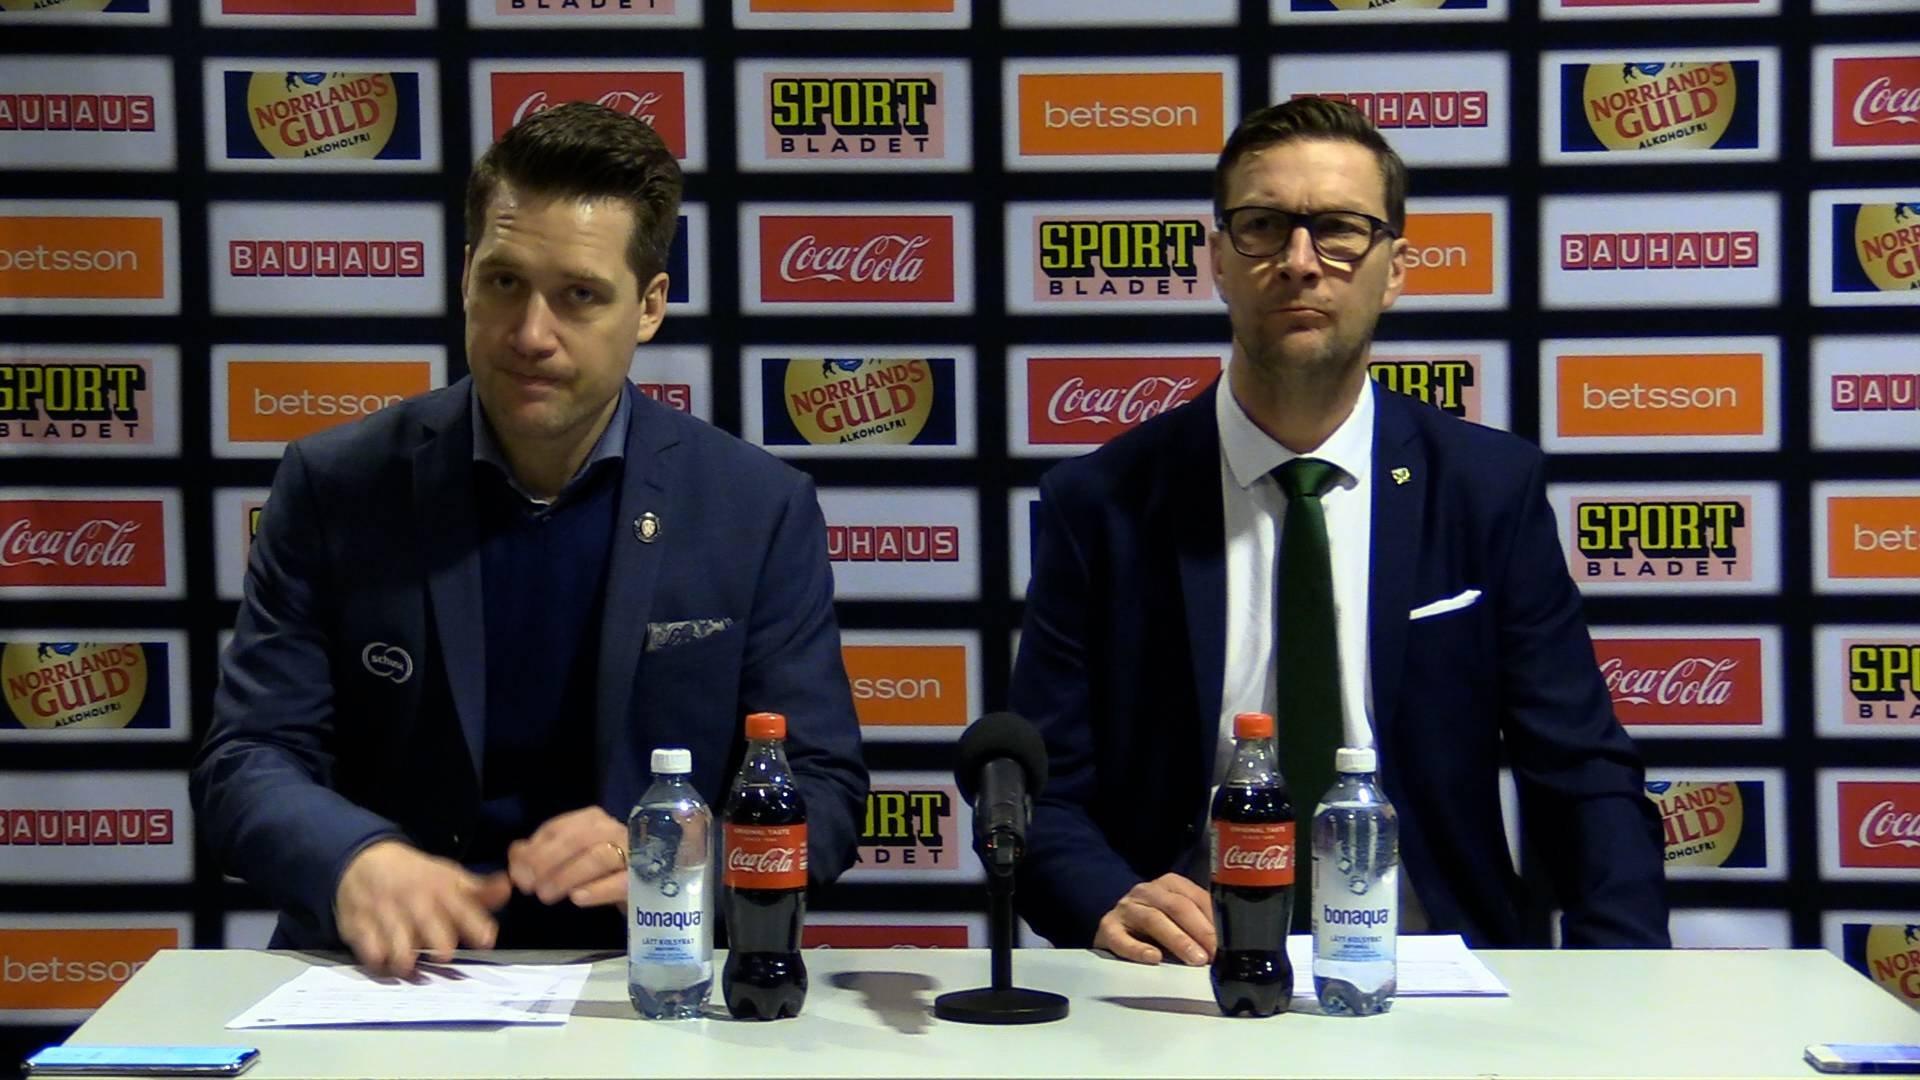 Presskonferens | Kvartsfinal 3